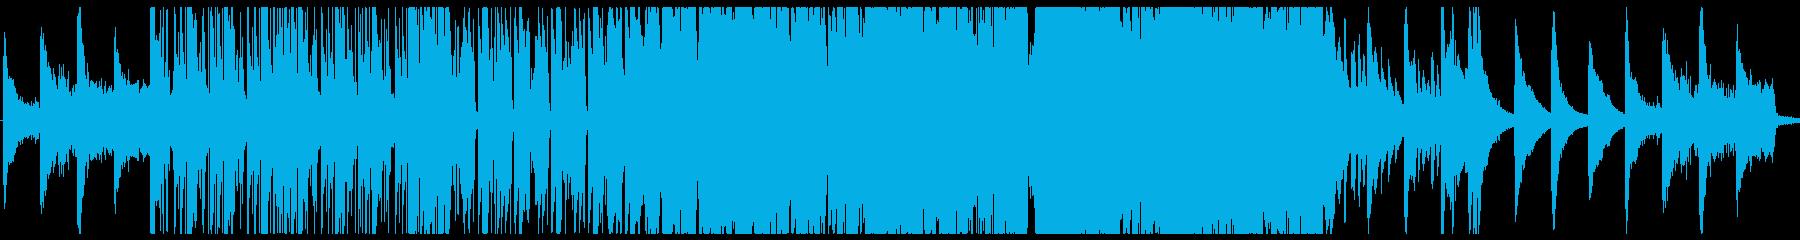 トラップ ヒップホップ 感情的 バ...の再生済みの波形